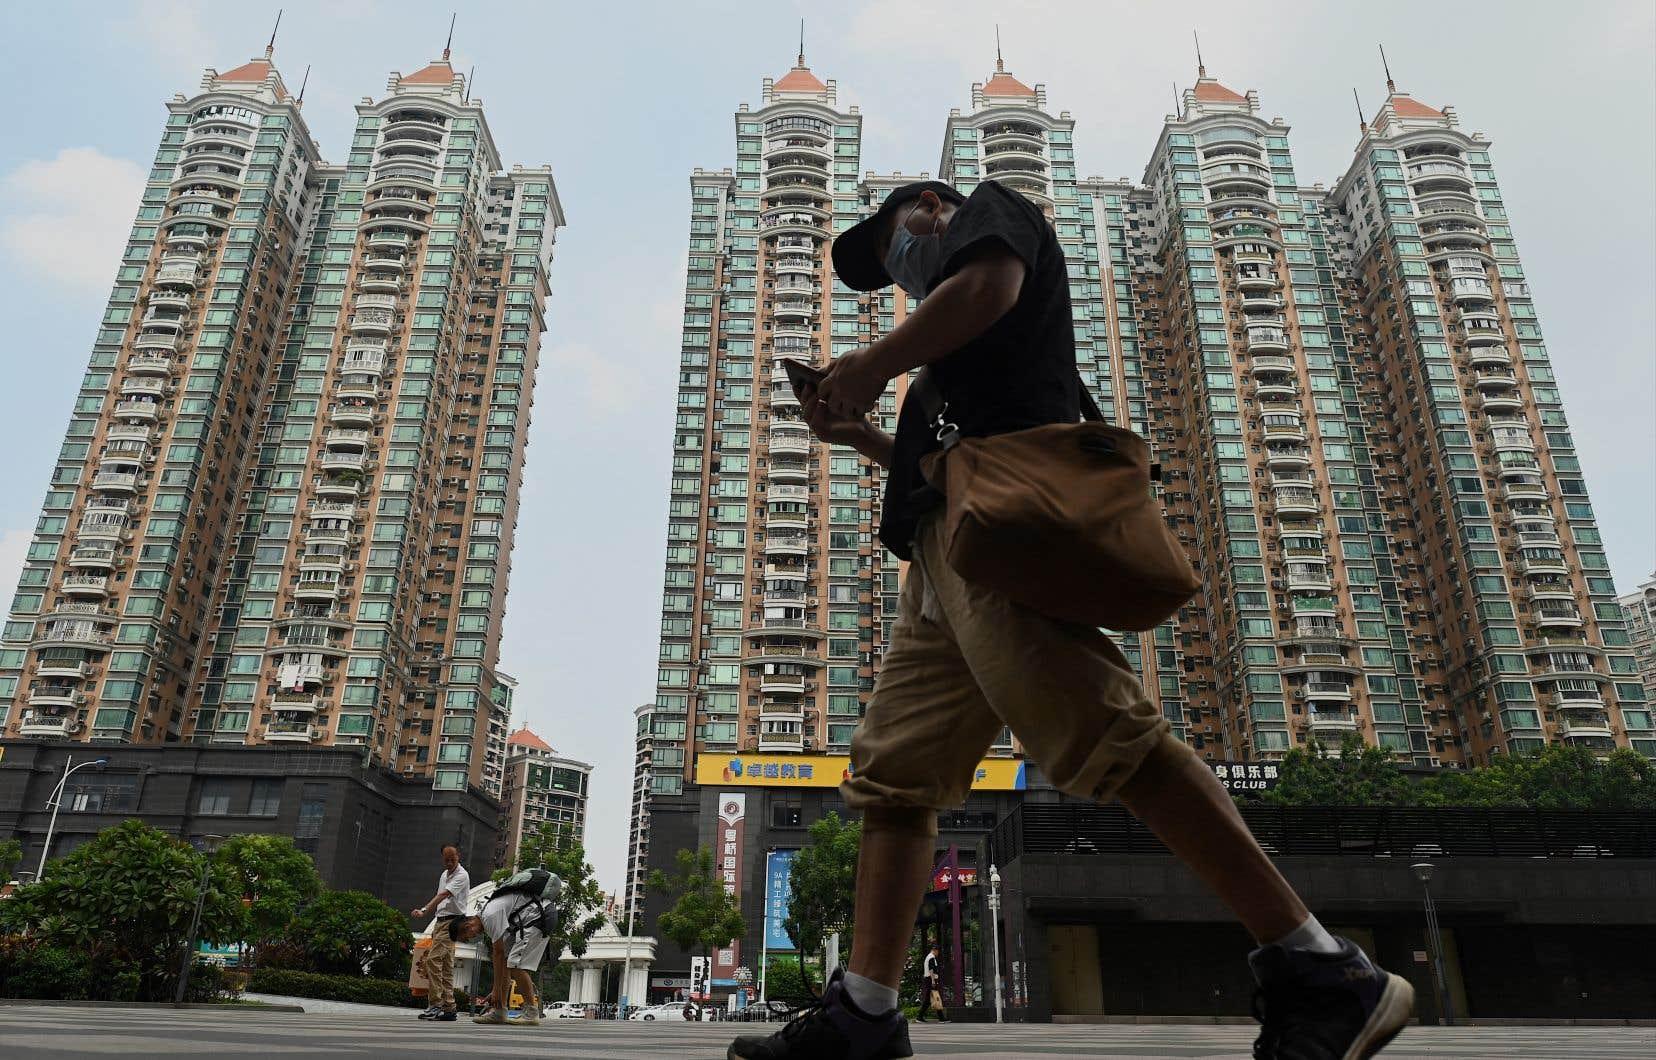 Le promoteur immobilier chinois Evergrande fait face cette semaine à plusieurs échéances financières. Sur la photo, un complexe d'habitation construit par l'entreprise, à Guangzhou.